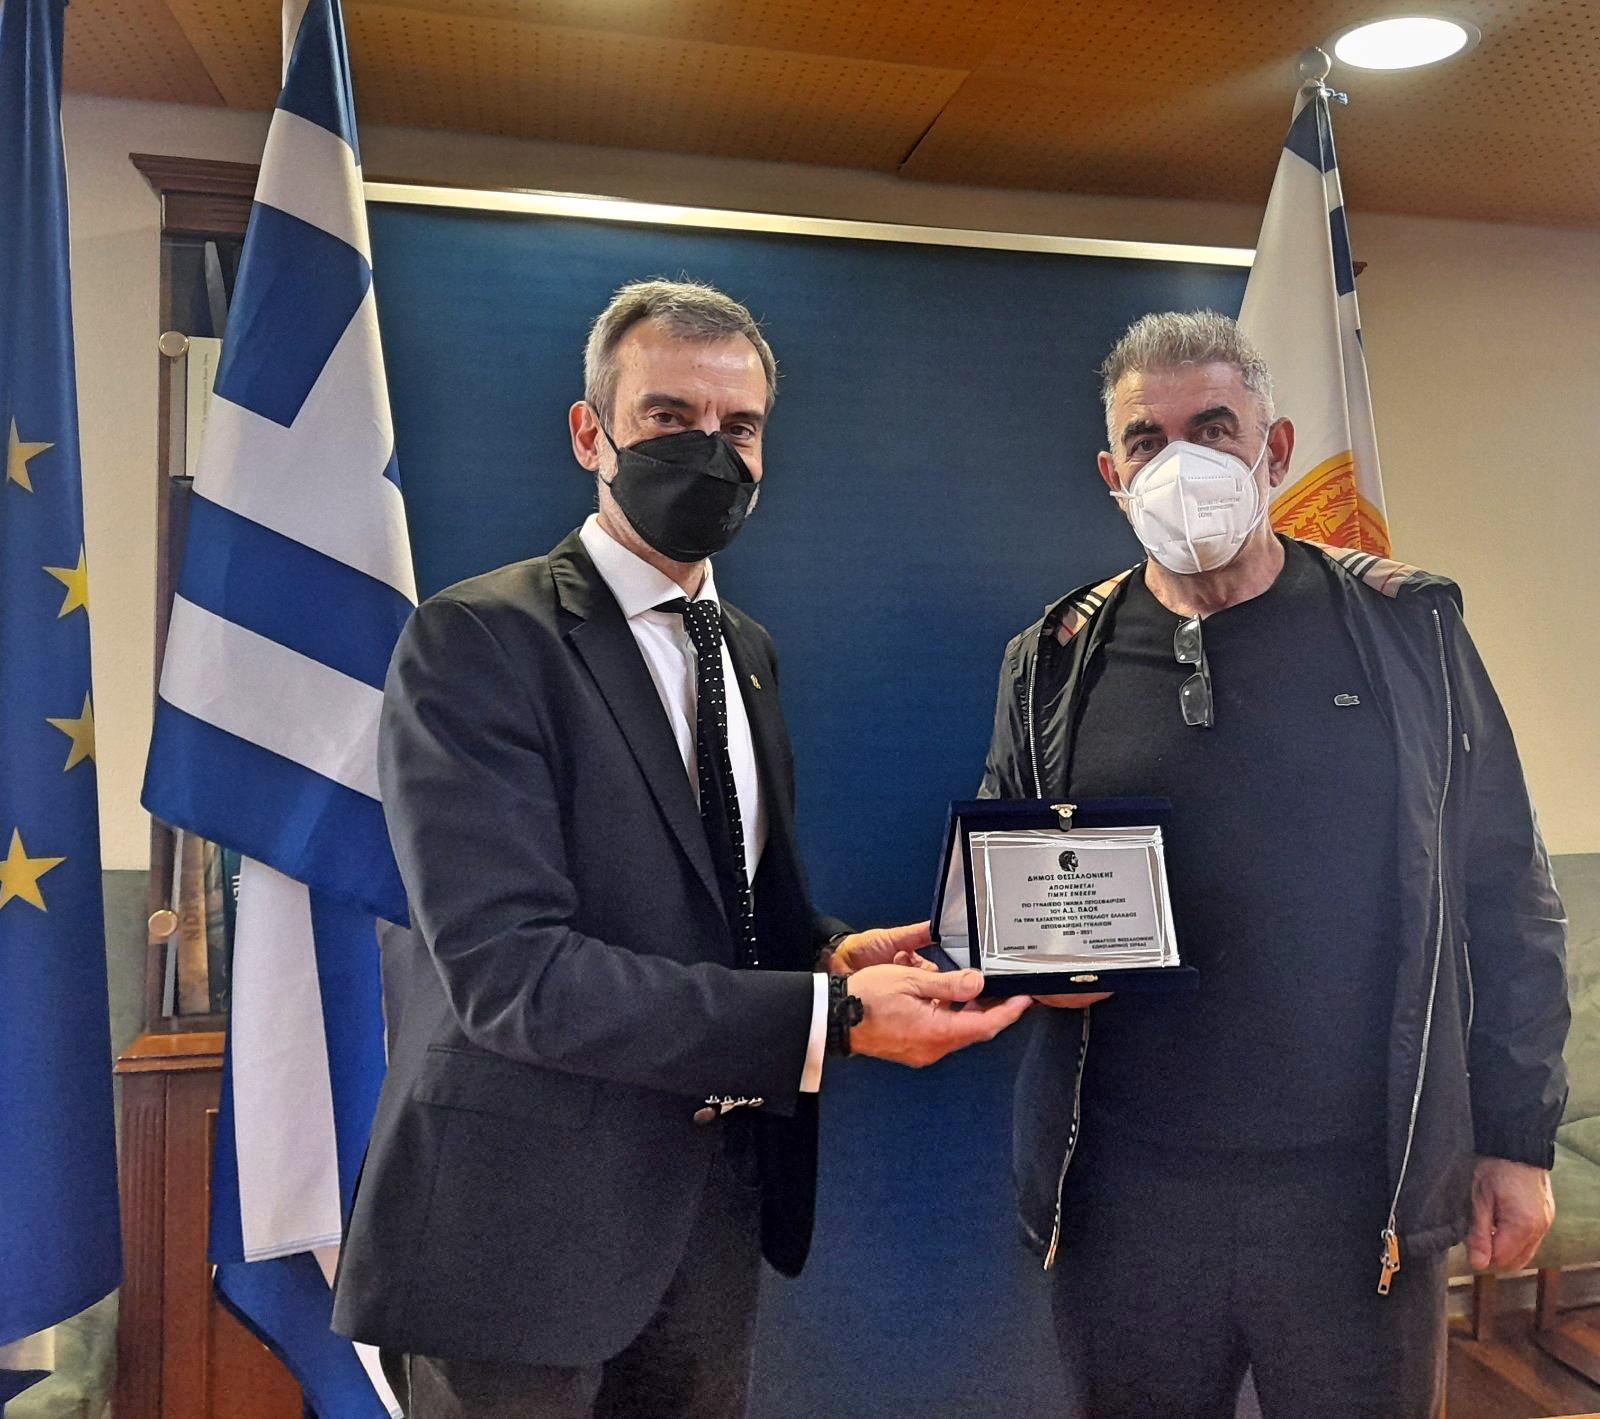 Κ. Ζέρβας: Η Θεσσαλονίκη διψάει για διακρίσεις στον αθλητισμό